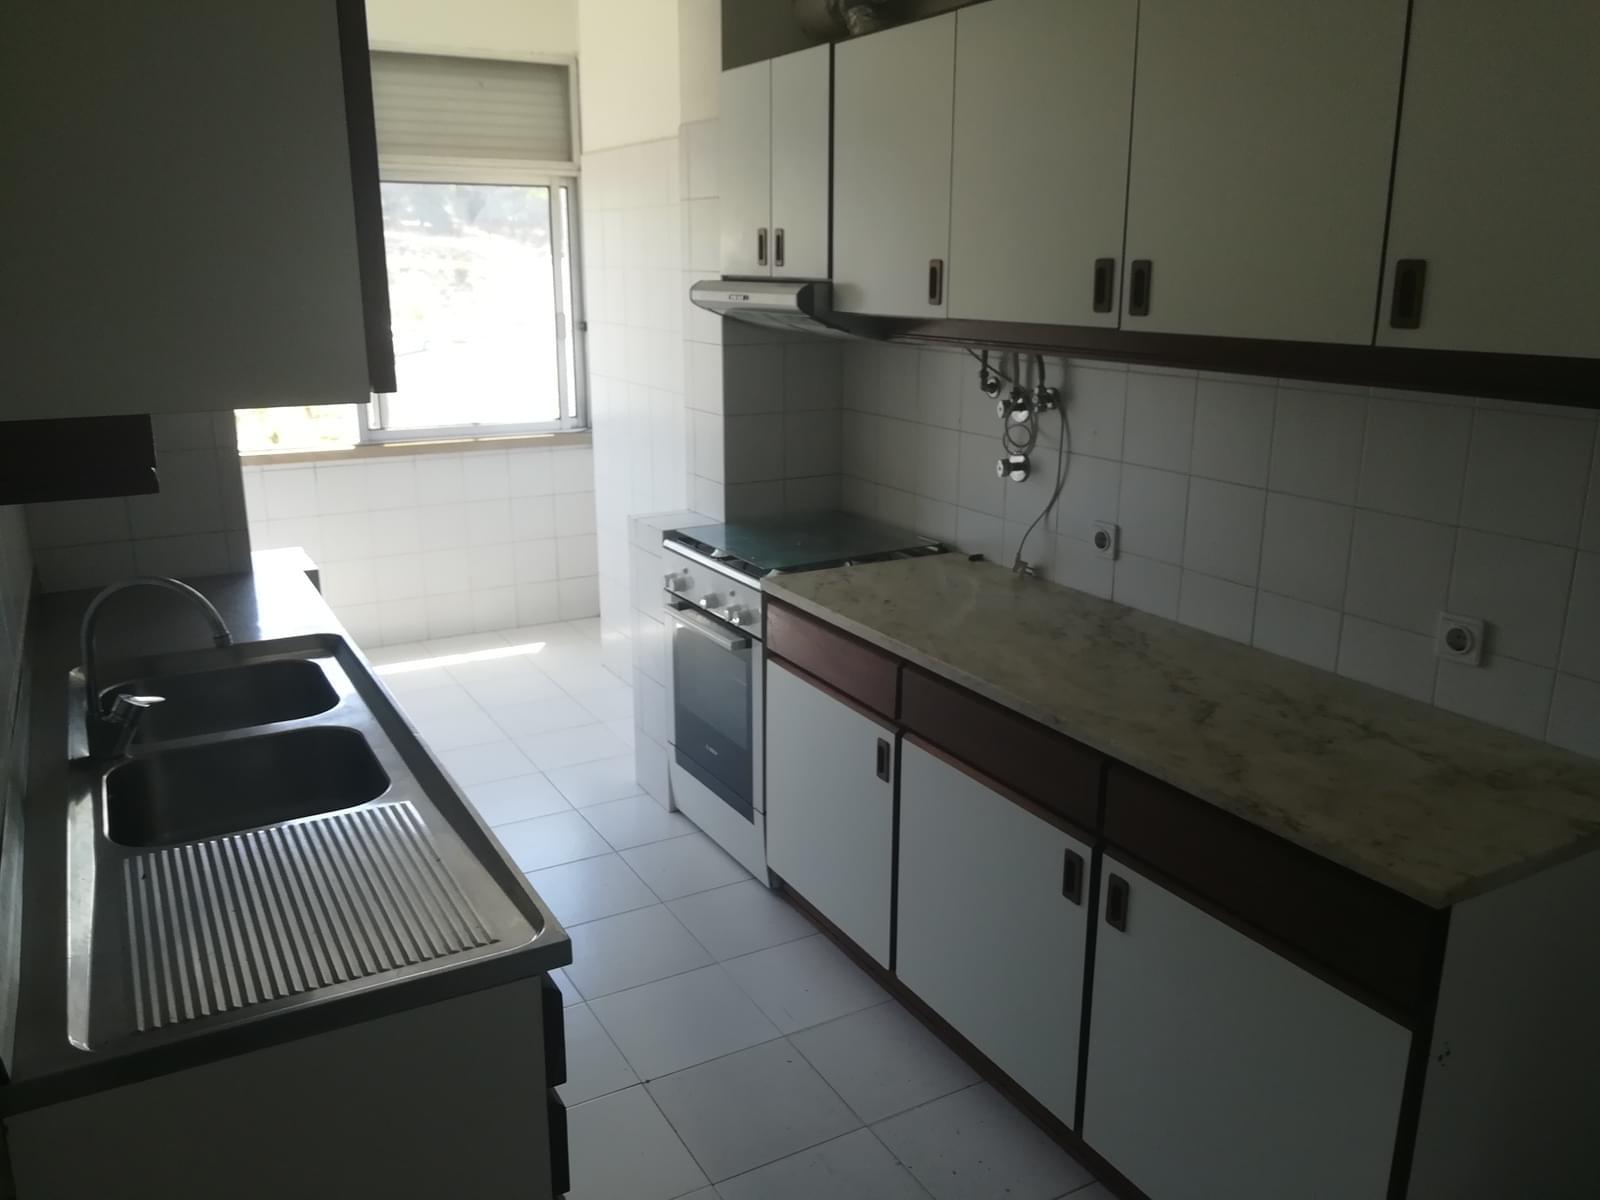 pf17568-apartamento-t3-oeiras-be591b48-6c01-4e6b-9695-505ca288a9ed